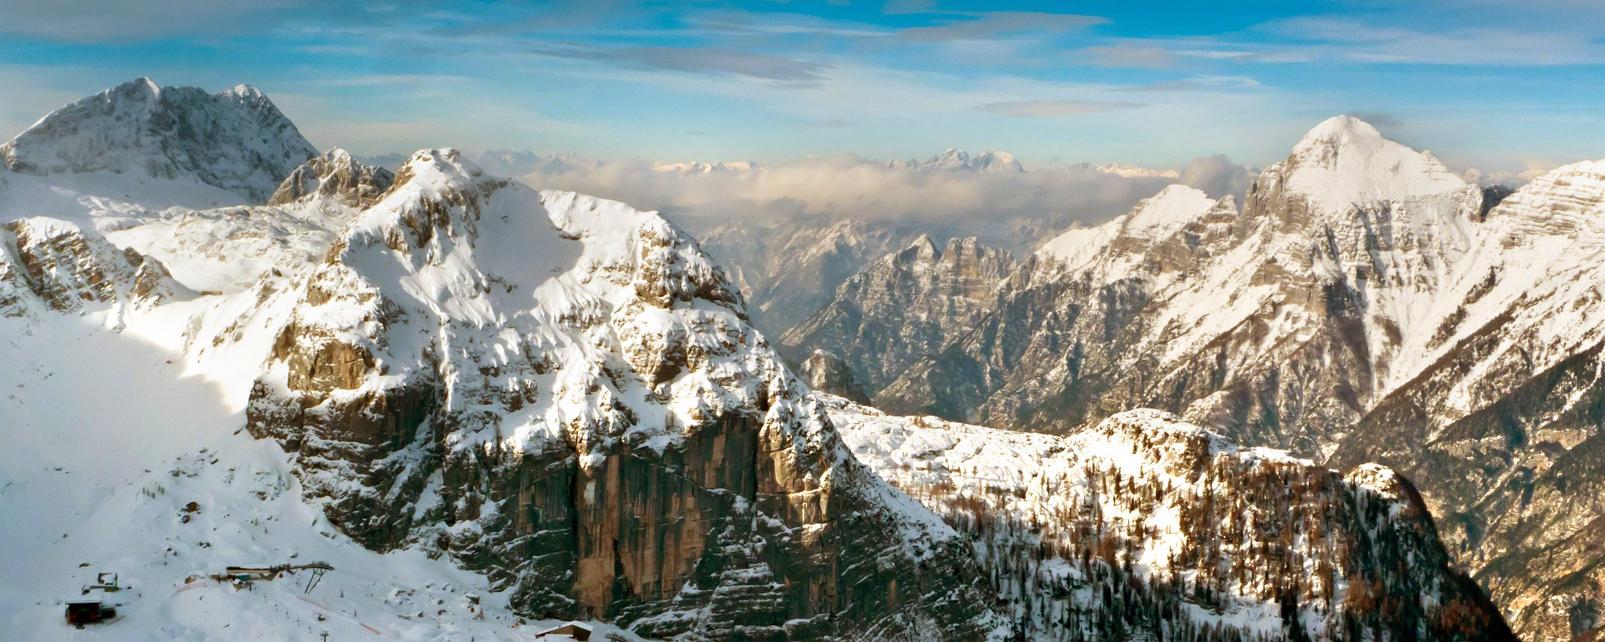 Europe, Italie, Frioul-Vénétie Julienne, montagne, Bilapec, Canin, Montasio, Sella Nevea, Friuli, neige, ski, skieur,